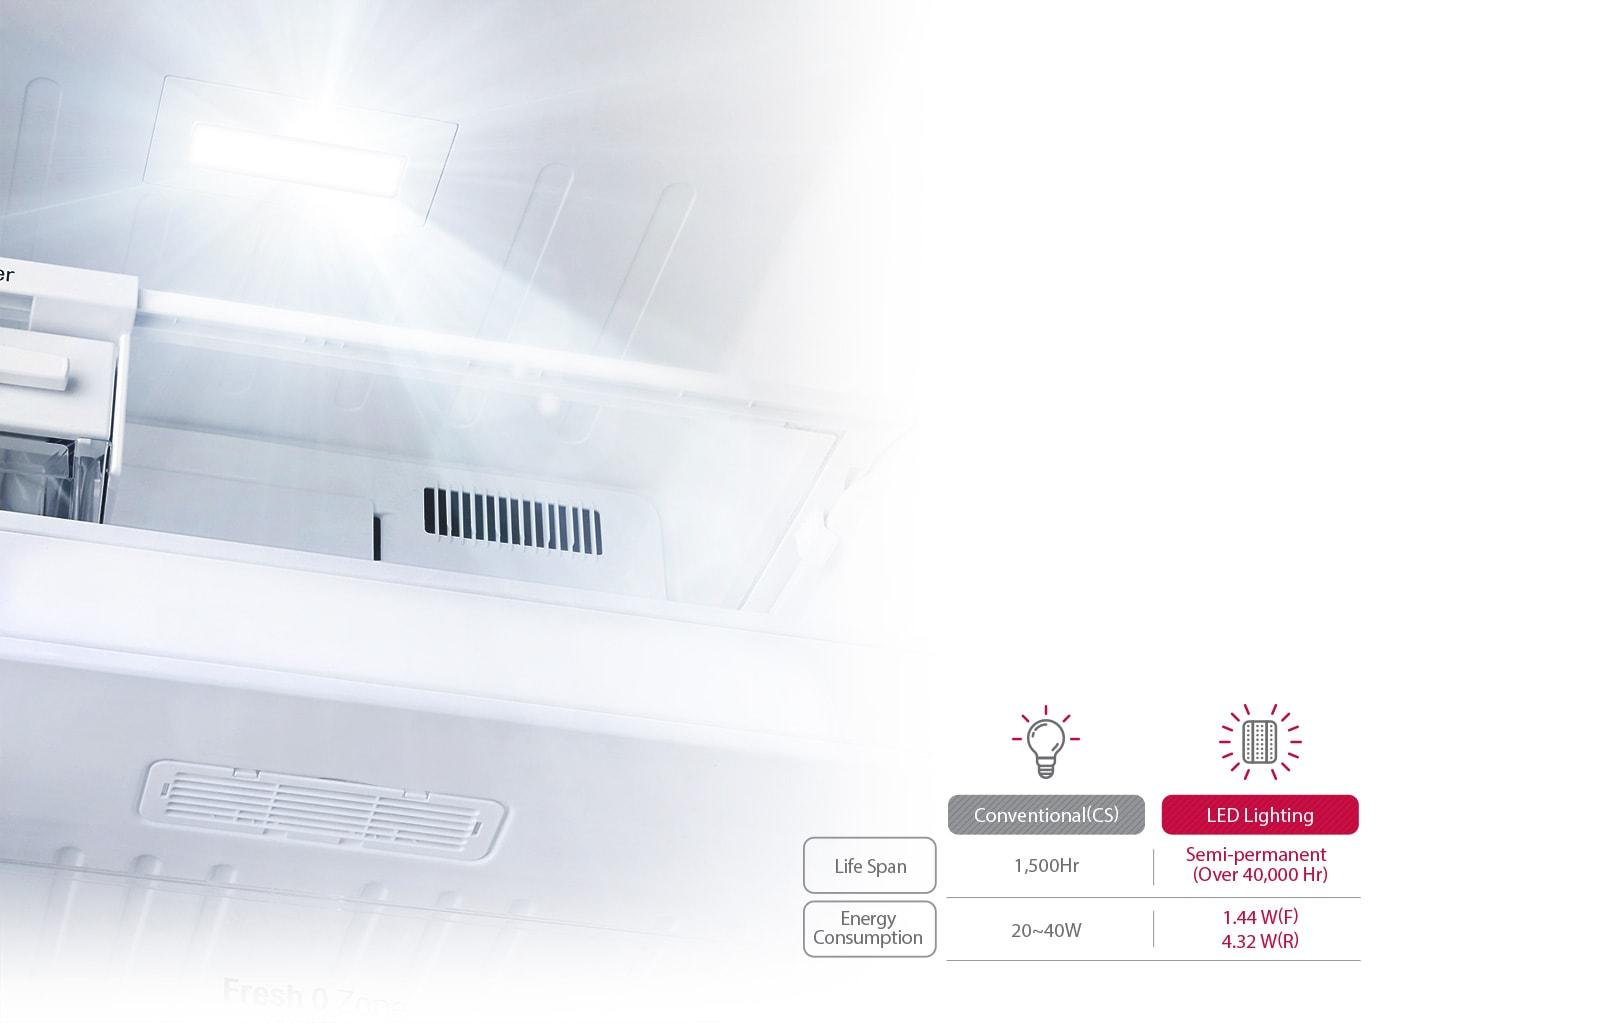 LG GL-T292RES3 260 Ltr LED Lighting